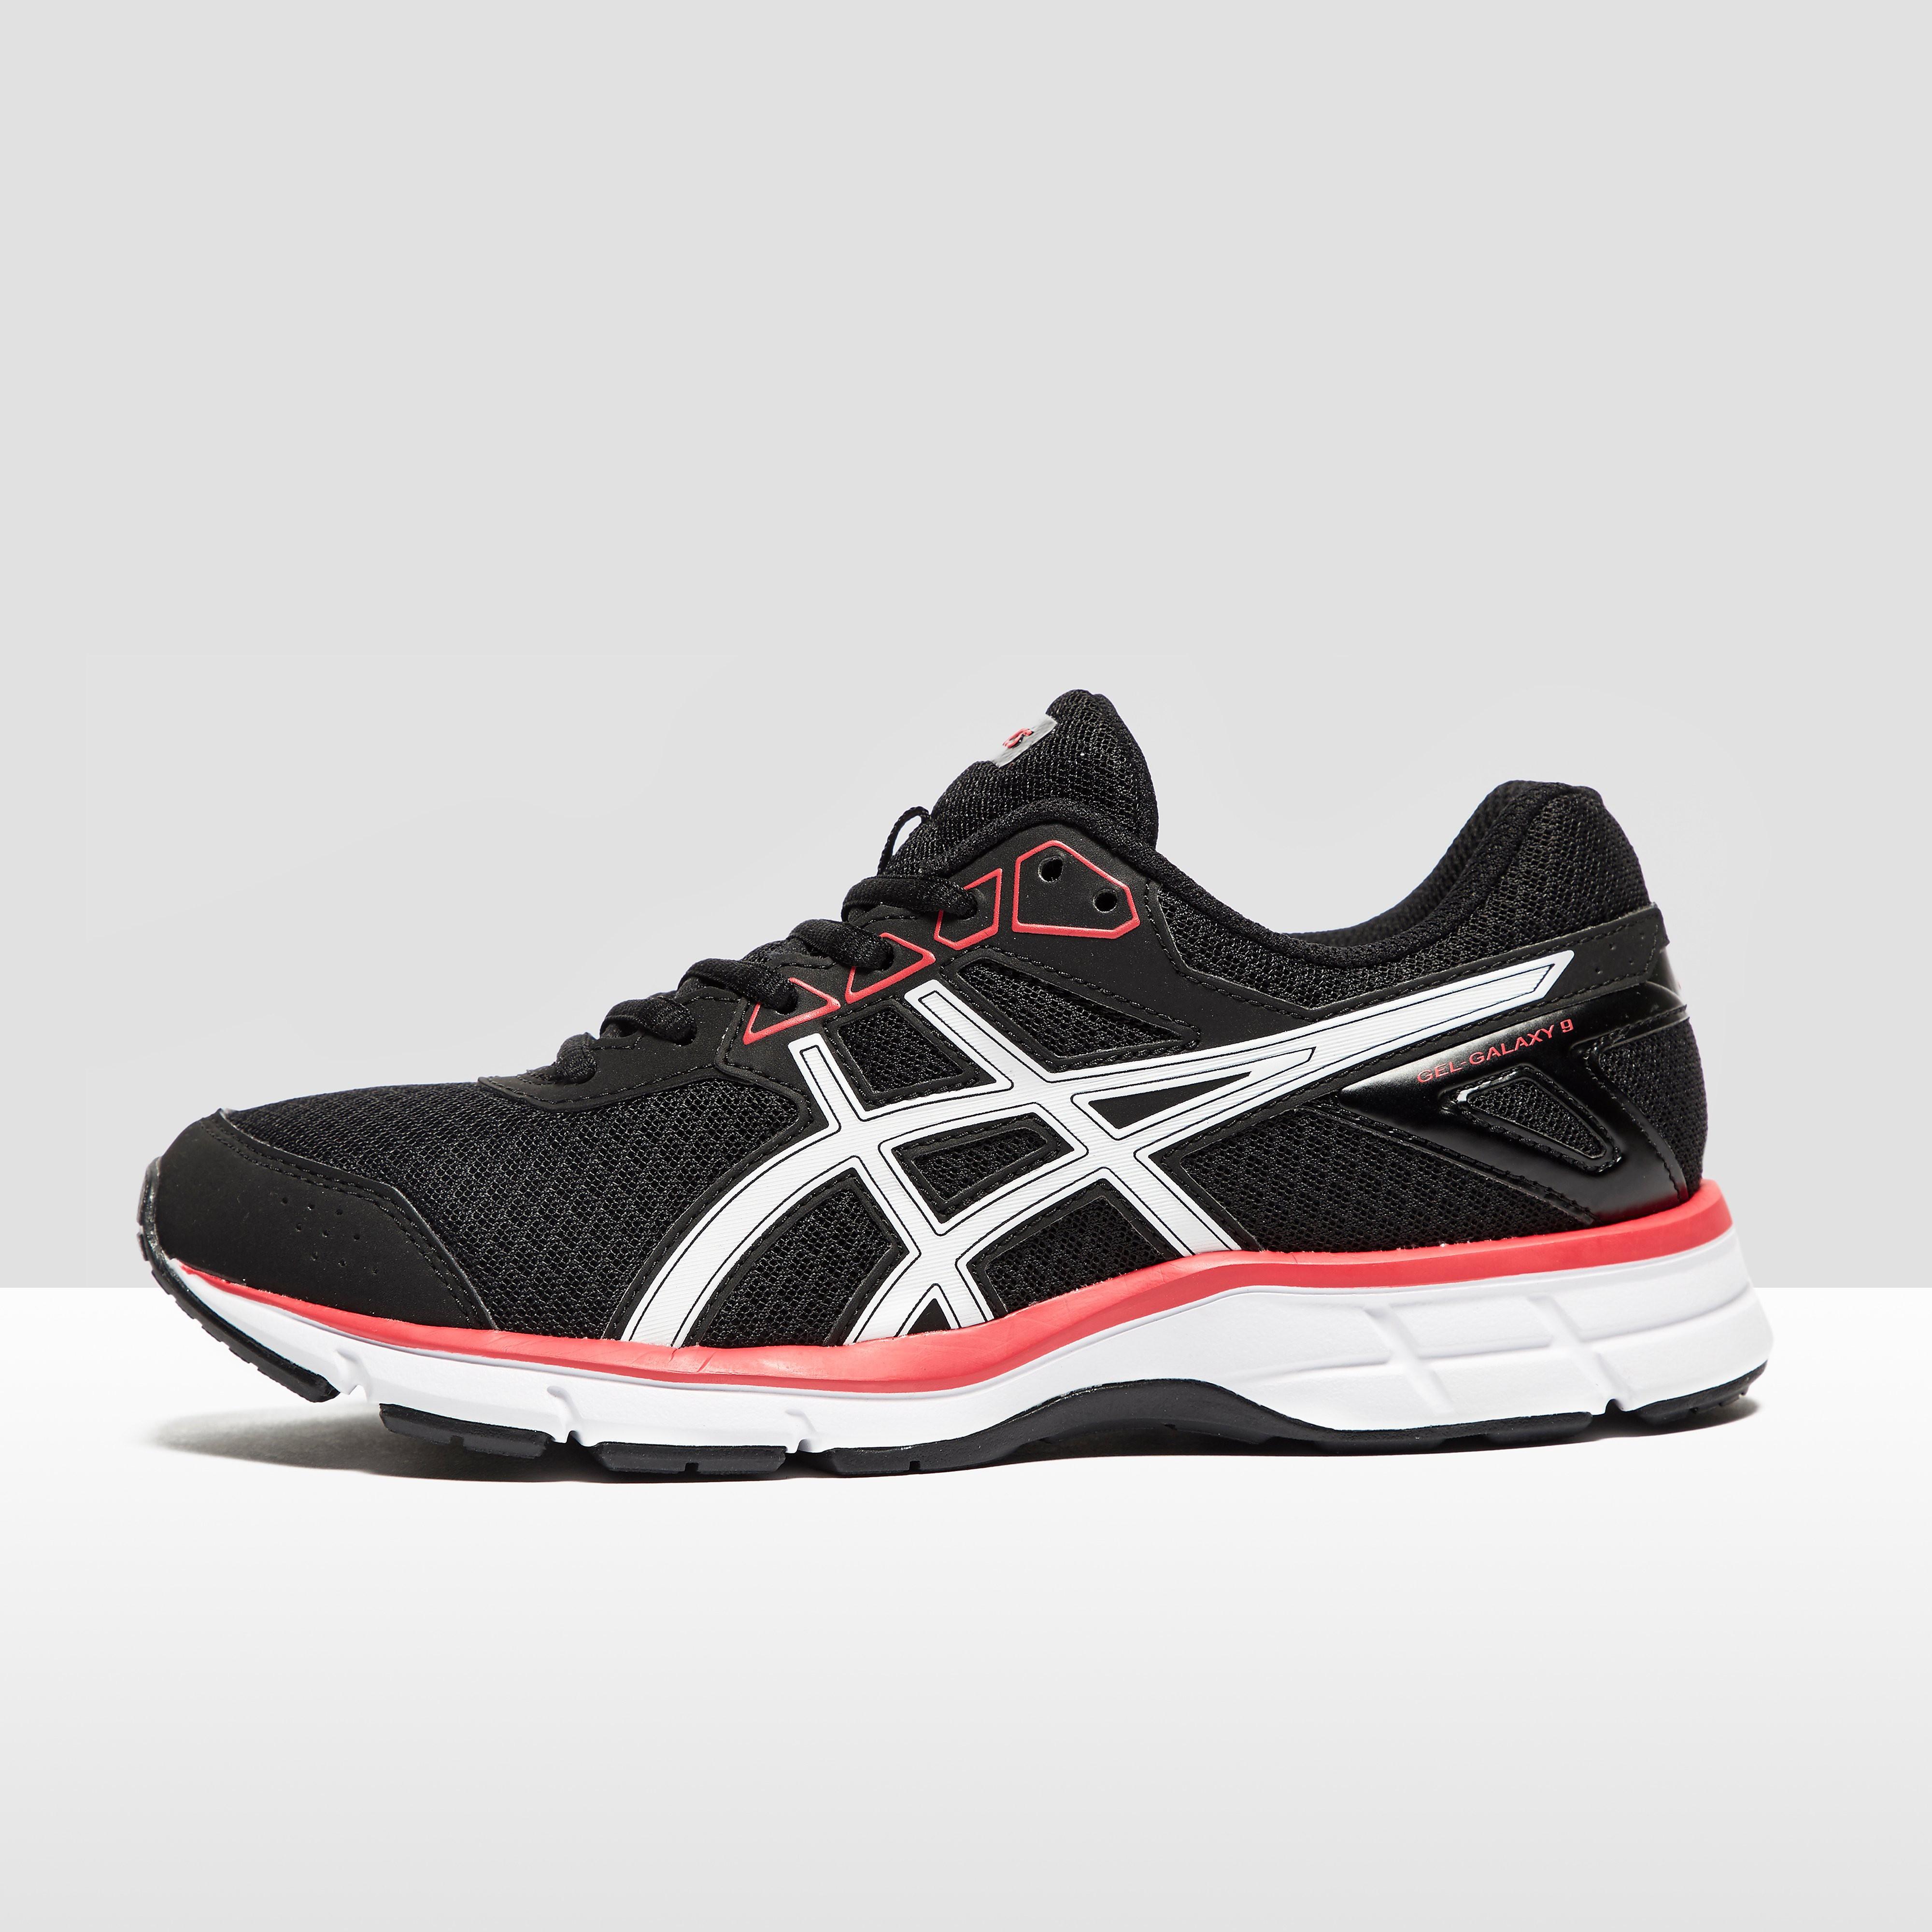 Asics GEL-Galaxy 9 Women's Running Shoes